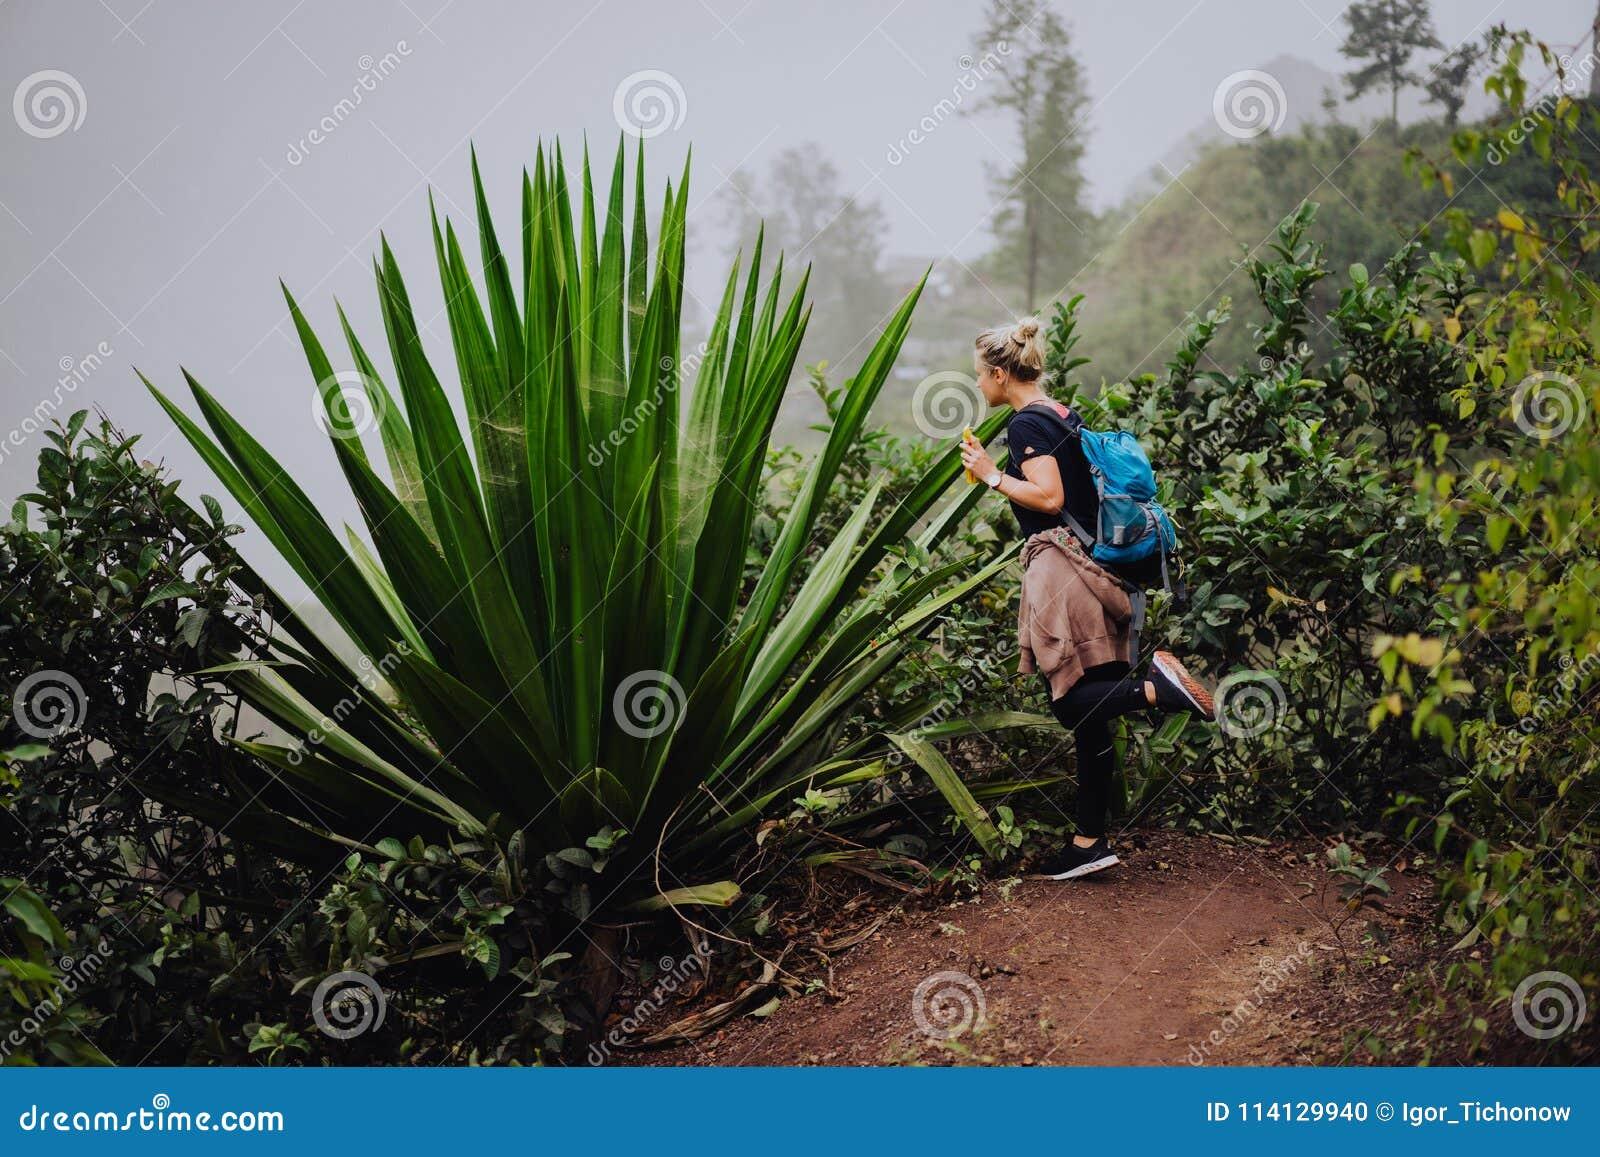 Female traveler amire huge endemic agave plant on Santo Antao Cape Verde